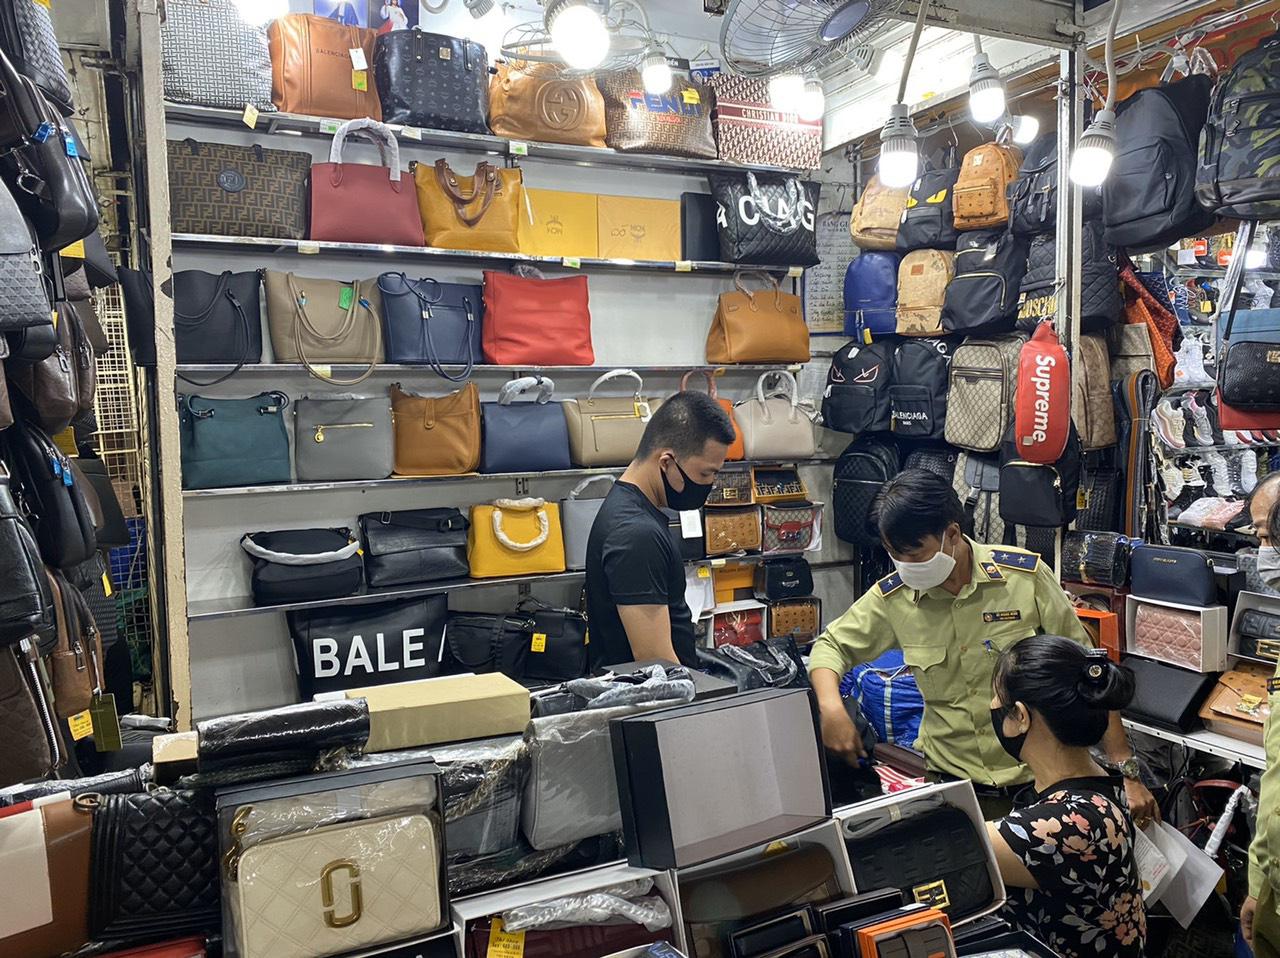 TP.HCM: Phát hiện nhiều sản phẩm có dấu hiệu giả mạo nhãn hiệu nổi tiếng tại Sài Gòn Square và chợ Bến Thành - Ảnh 1.